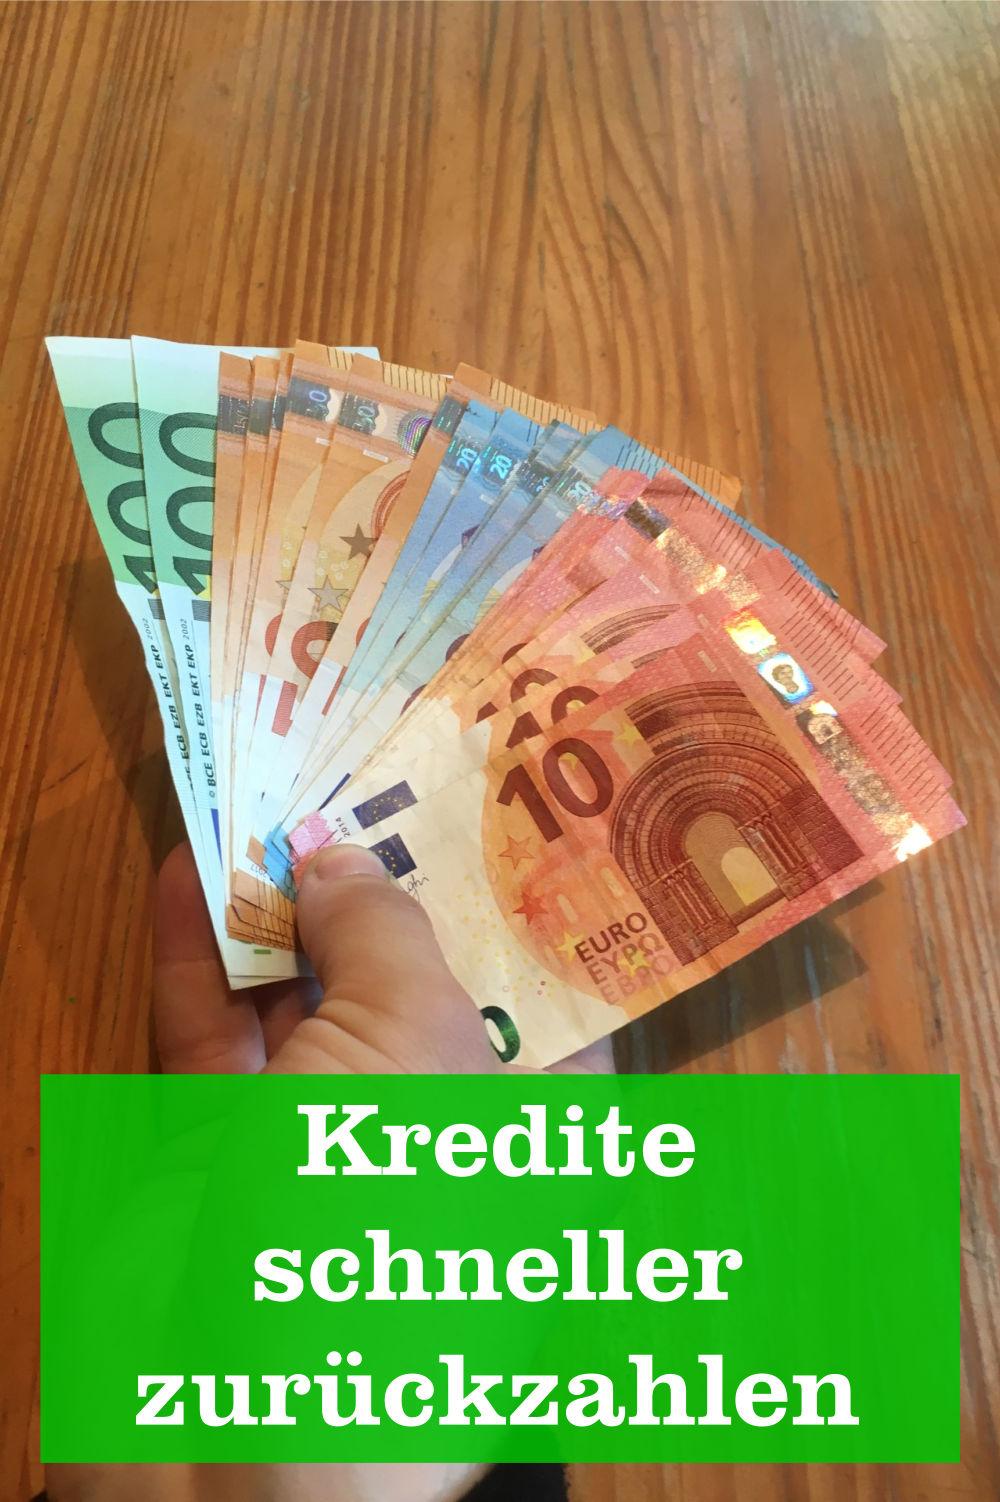 Kredite schneller zurückzahlen